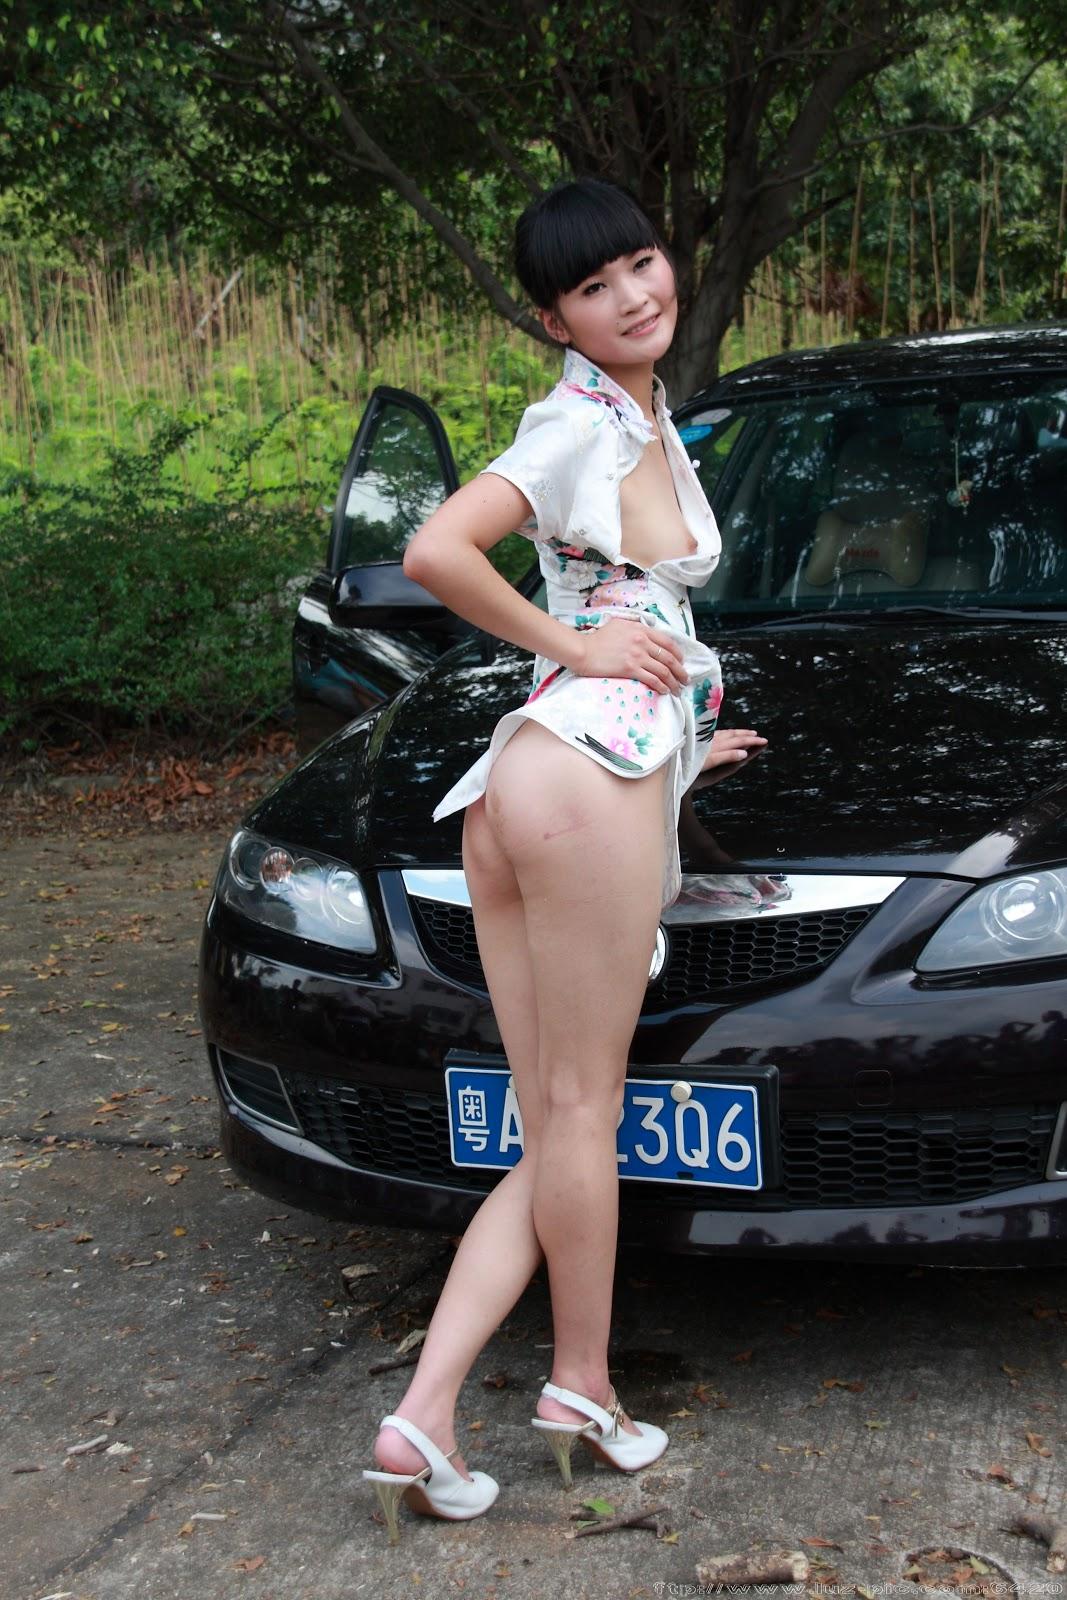 Chinese Nude_Art_Photos_-_206_-_XianYu Chinese_Nude_Art_Photos_-_206_-_XianYu.rar._MG_8395